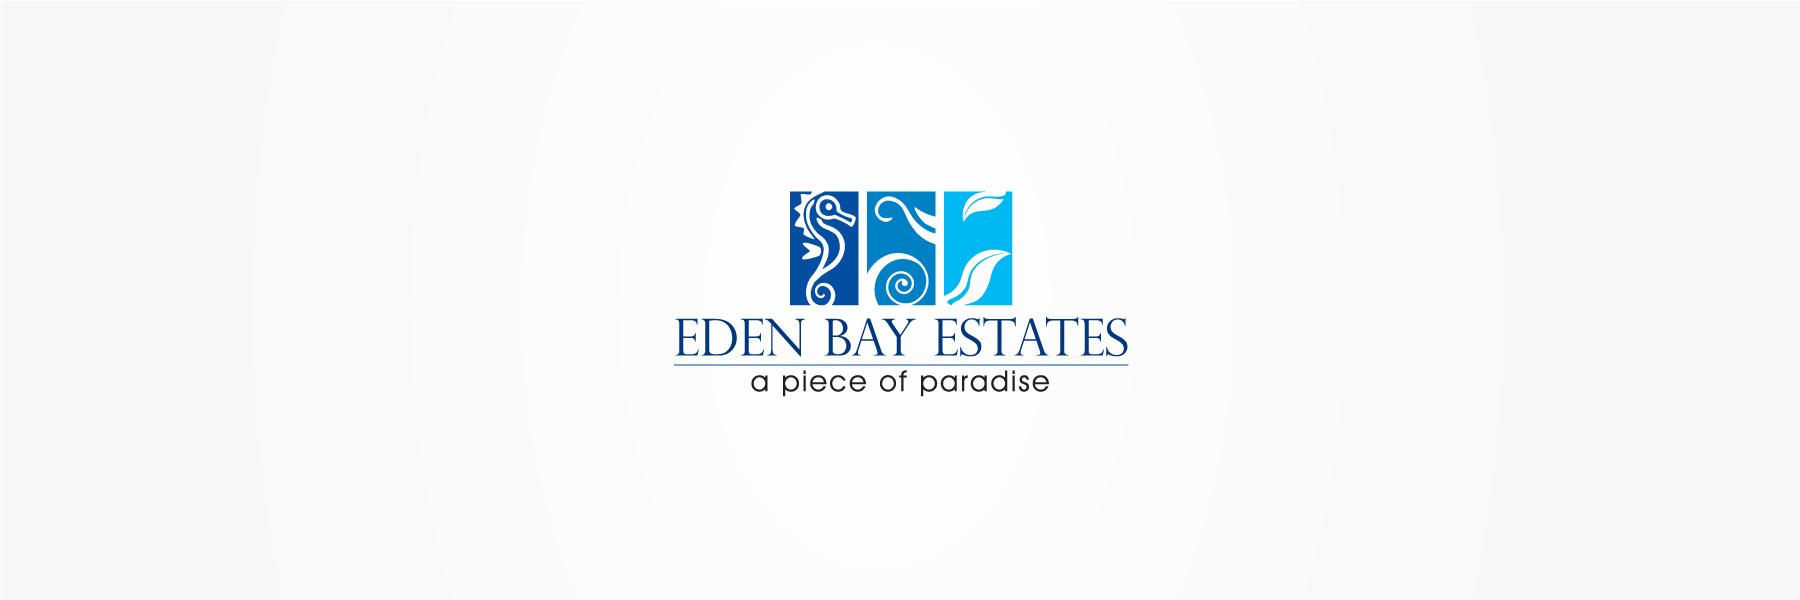 Eden-Bay-Estates-Logo-Design